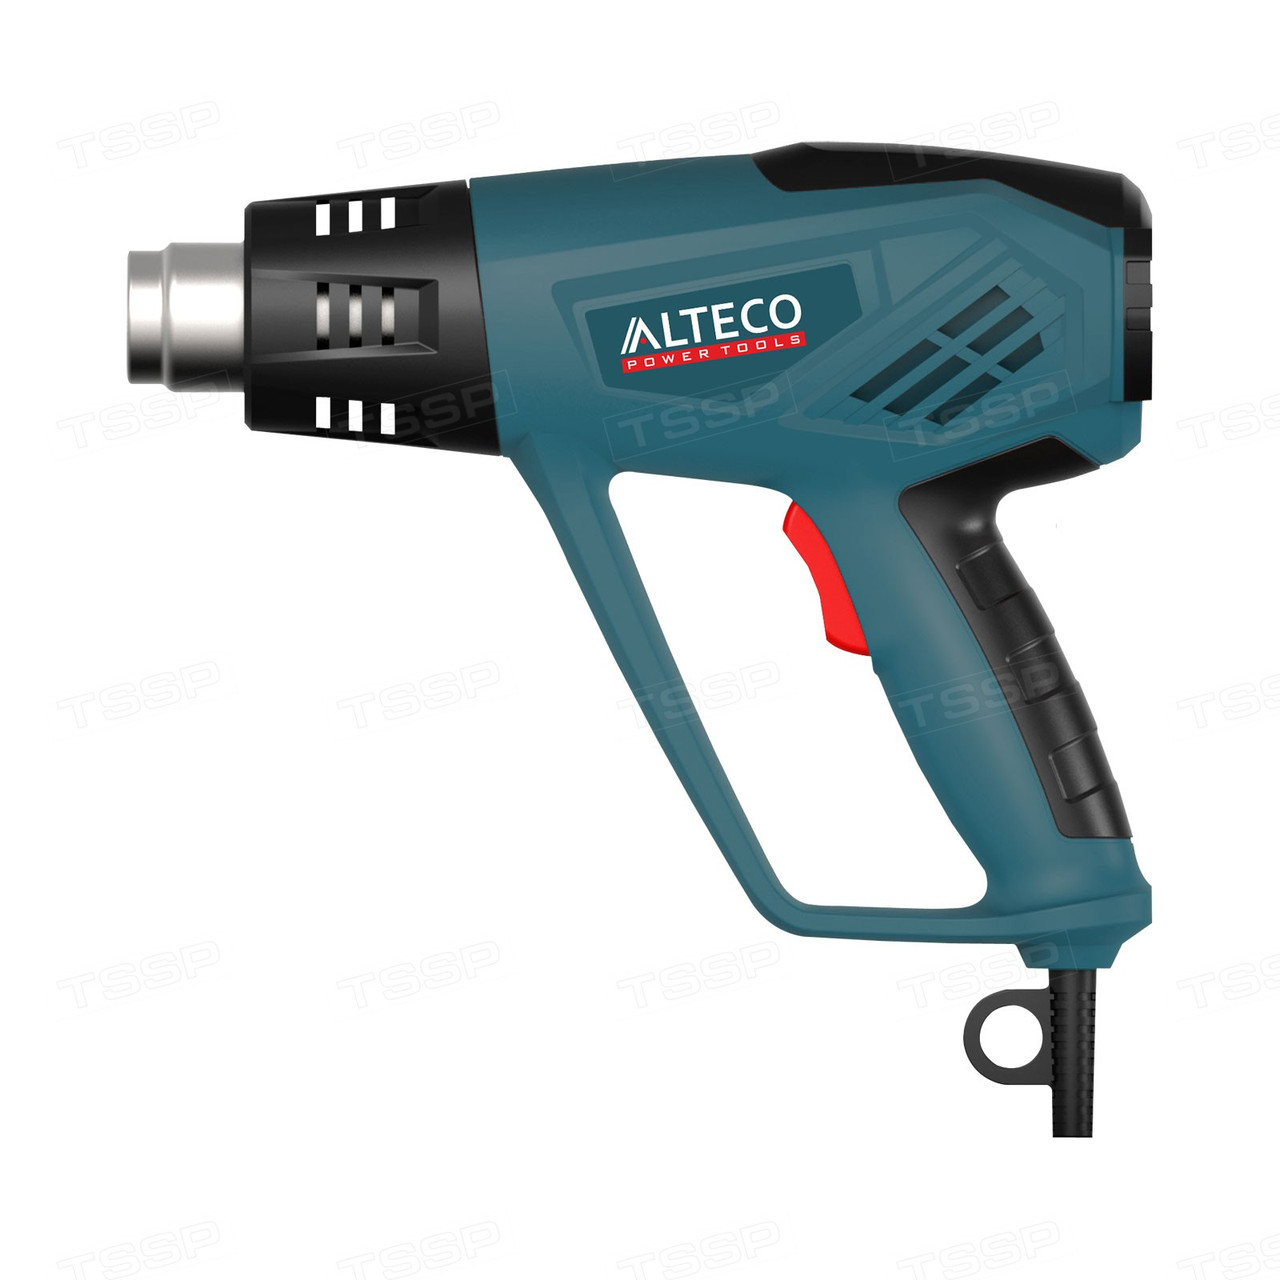 Фен технический HG 0609 ALTECO